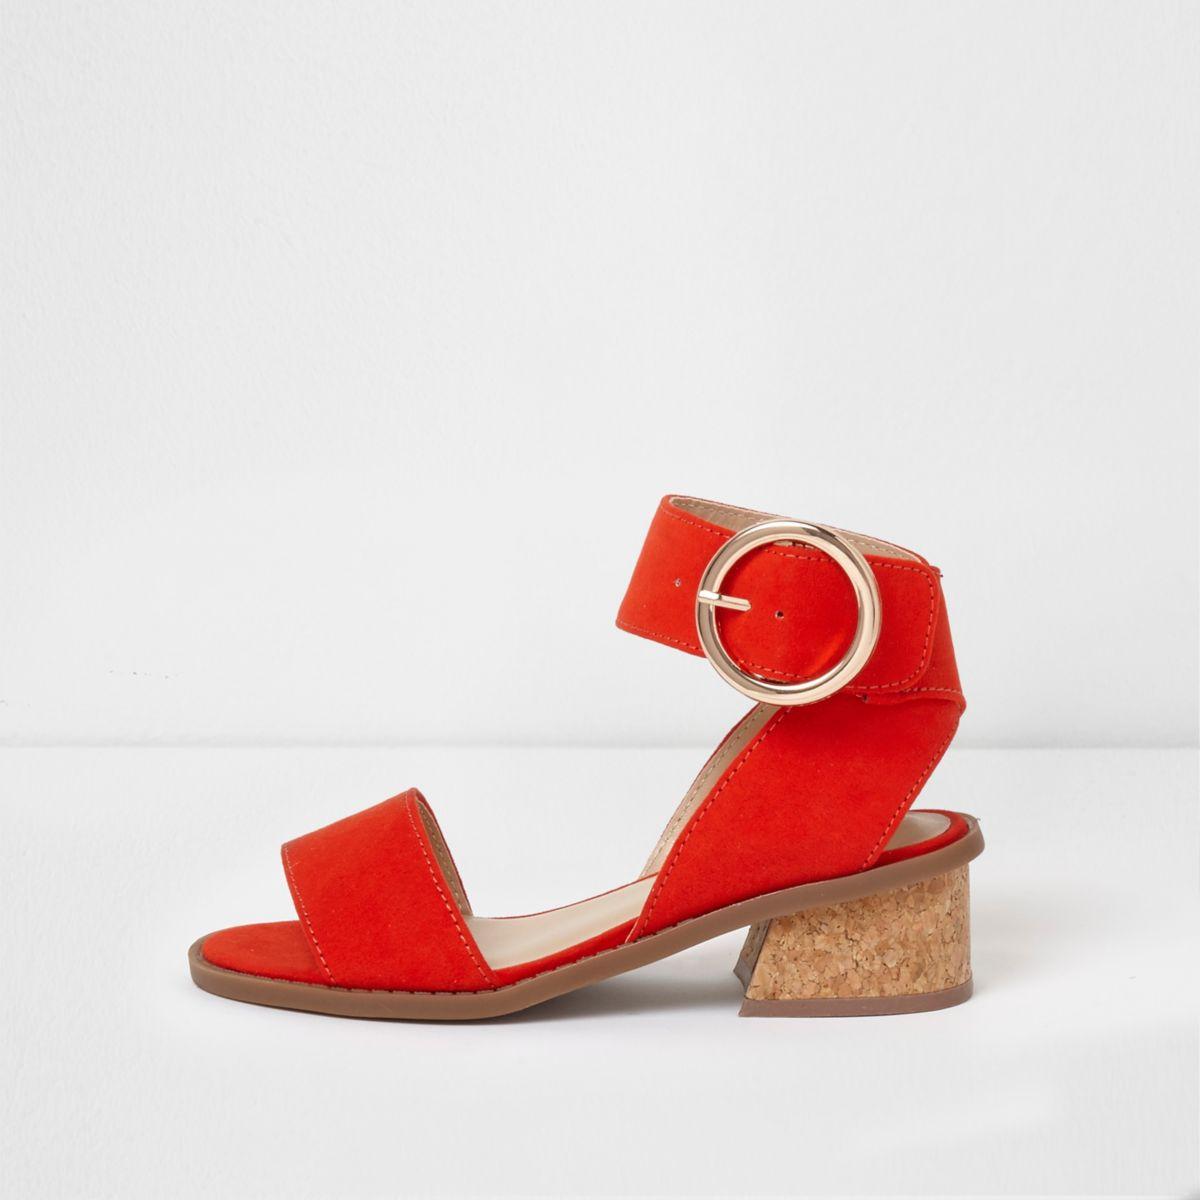 Sandales rouges avec boucle en cercle à talons carrés pour fille